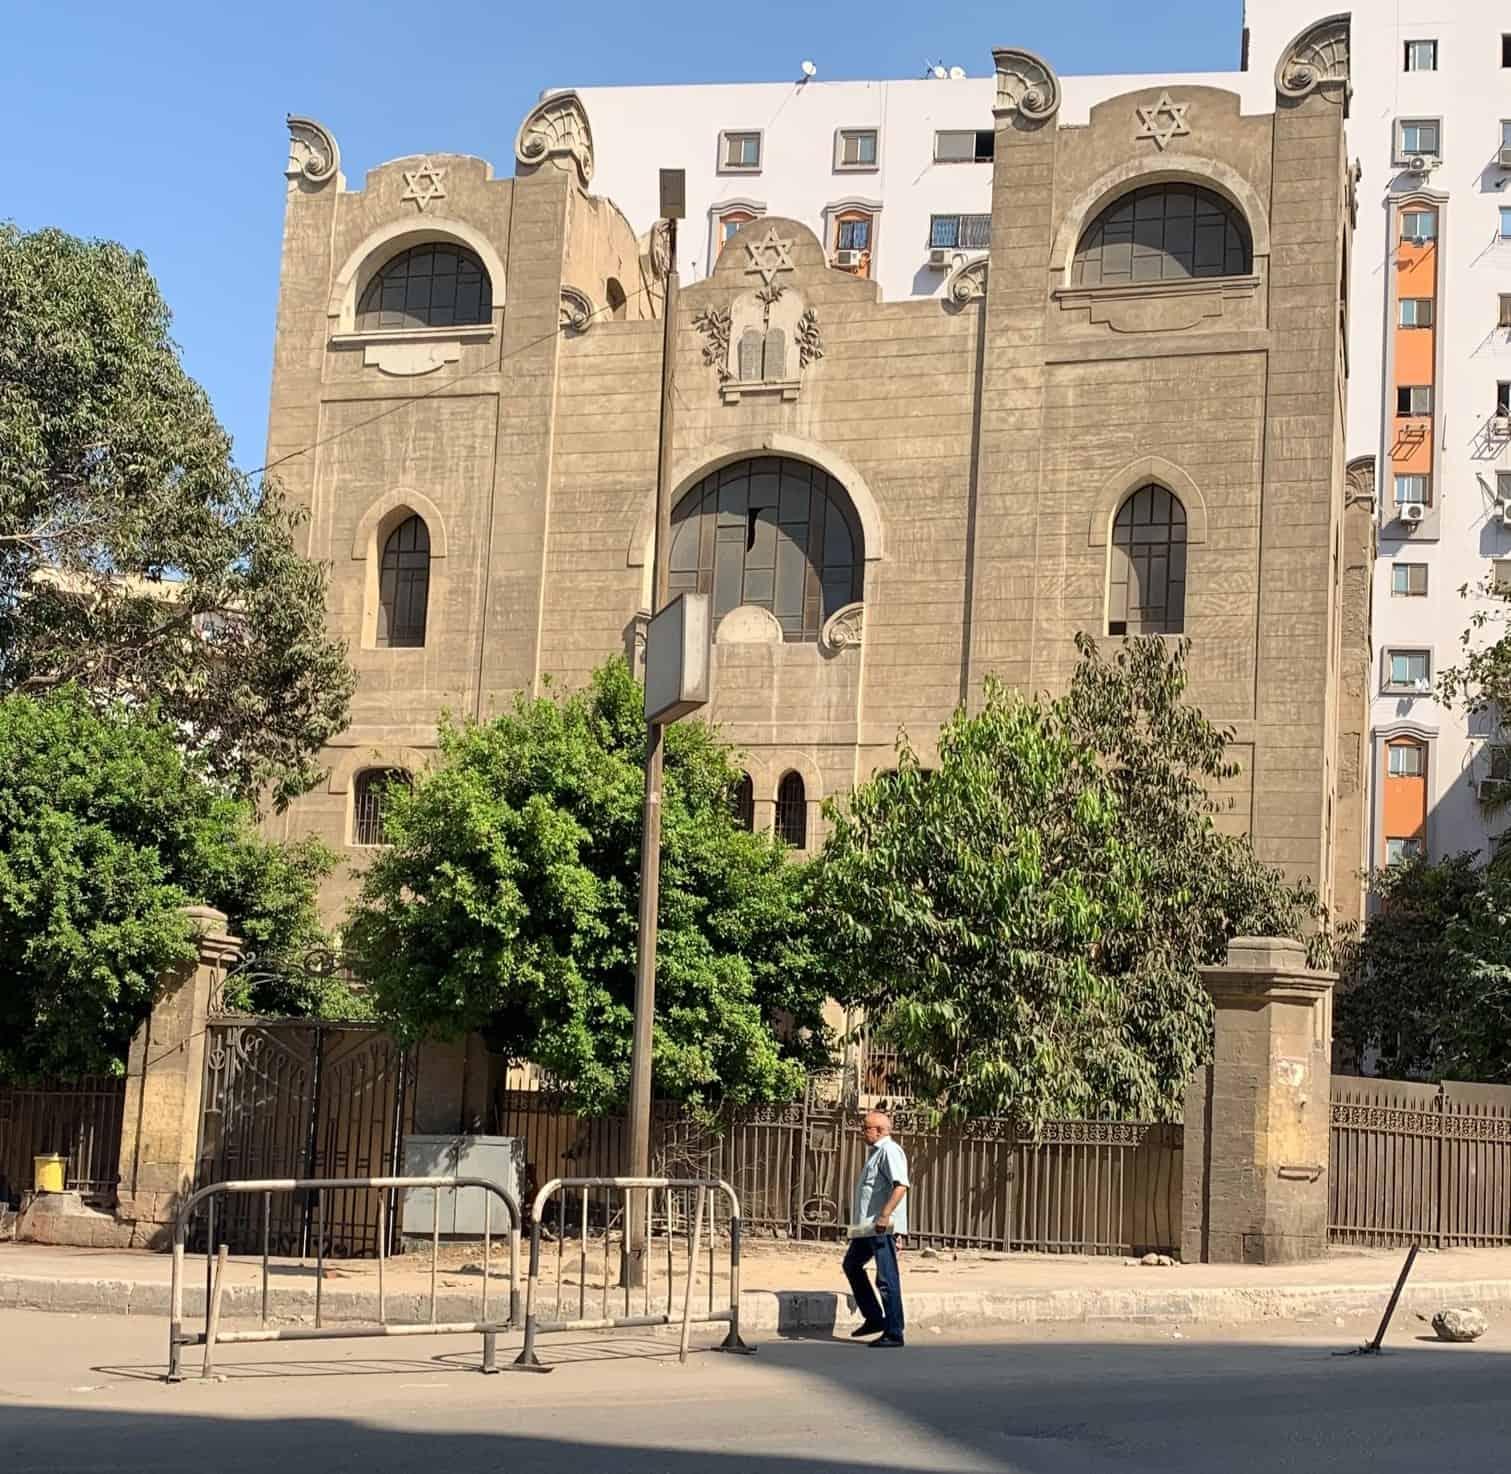 בית הכנסת על שם משה (מוסא) דרעי, קהיר, 2019 (צילום: יורם מיטל)